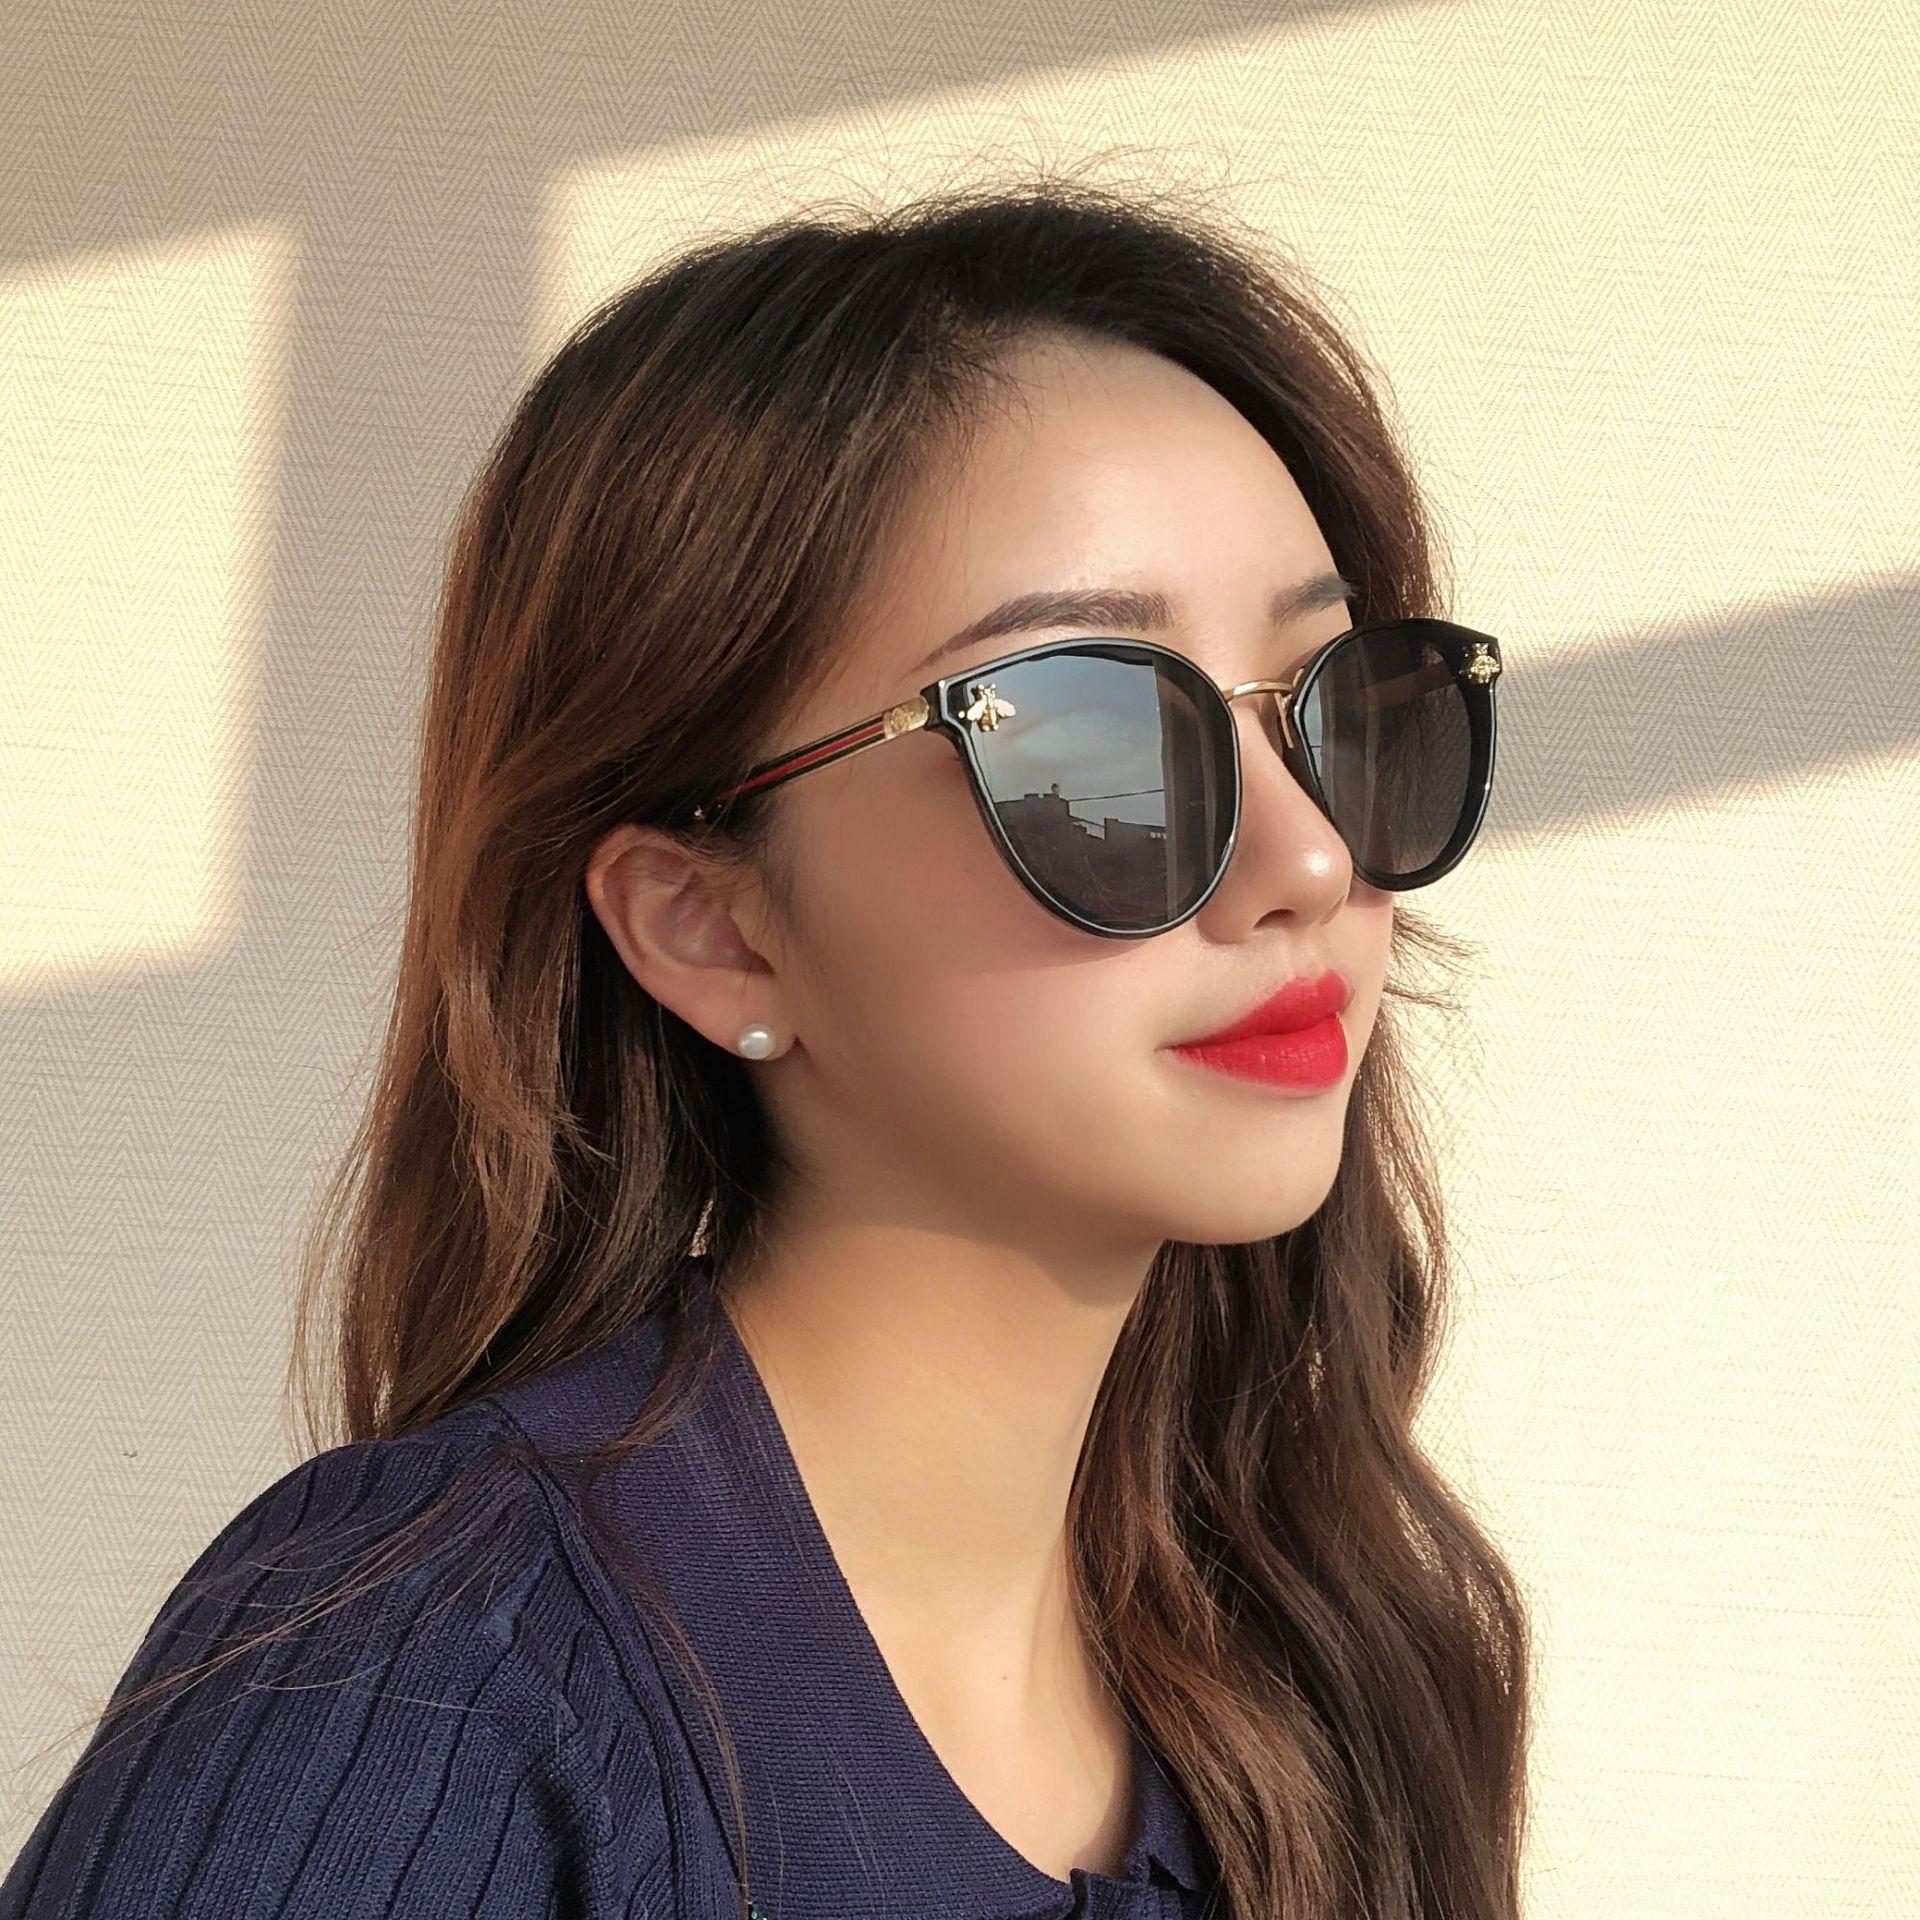 Yeni Güneş Gözlüğü için SWHC Küçük Arı Kadın 2020 Güneş Gözlüğü Moda Dekorasyon Bacaklar Inci Kare Güneş Gözlükleri Bayanlar Degrade Temizle Shades UV400